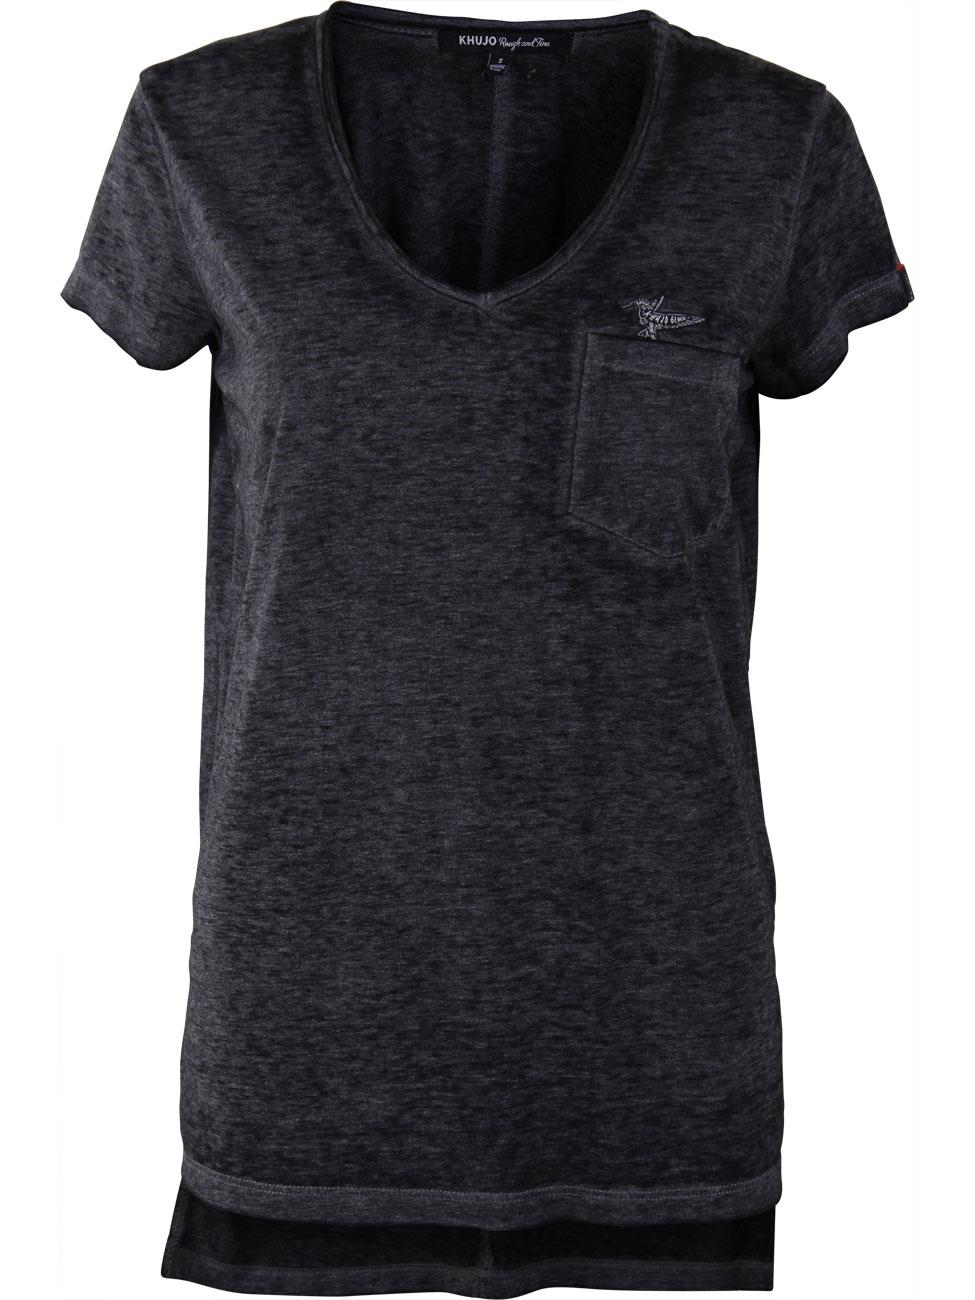 khujo damen t shirt lorelei mit brusttasche kaufen. Black Bedroom Furniture Sets. Home Design Ideas